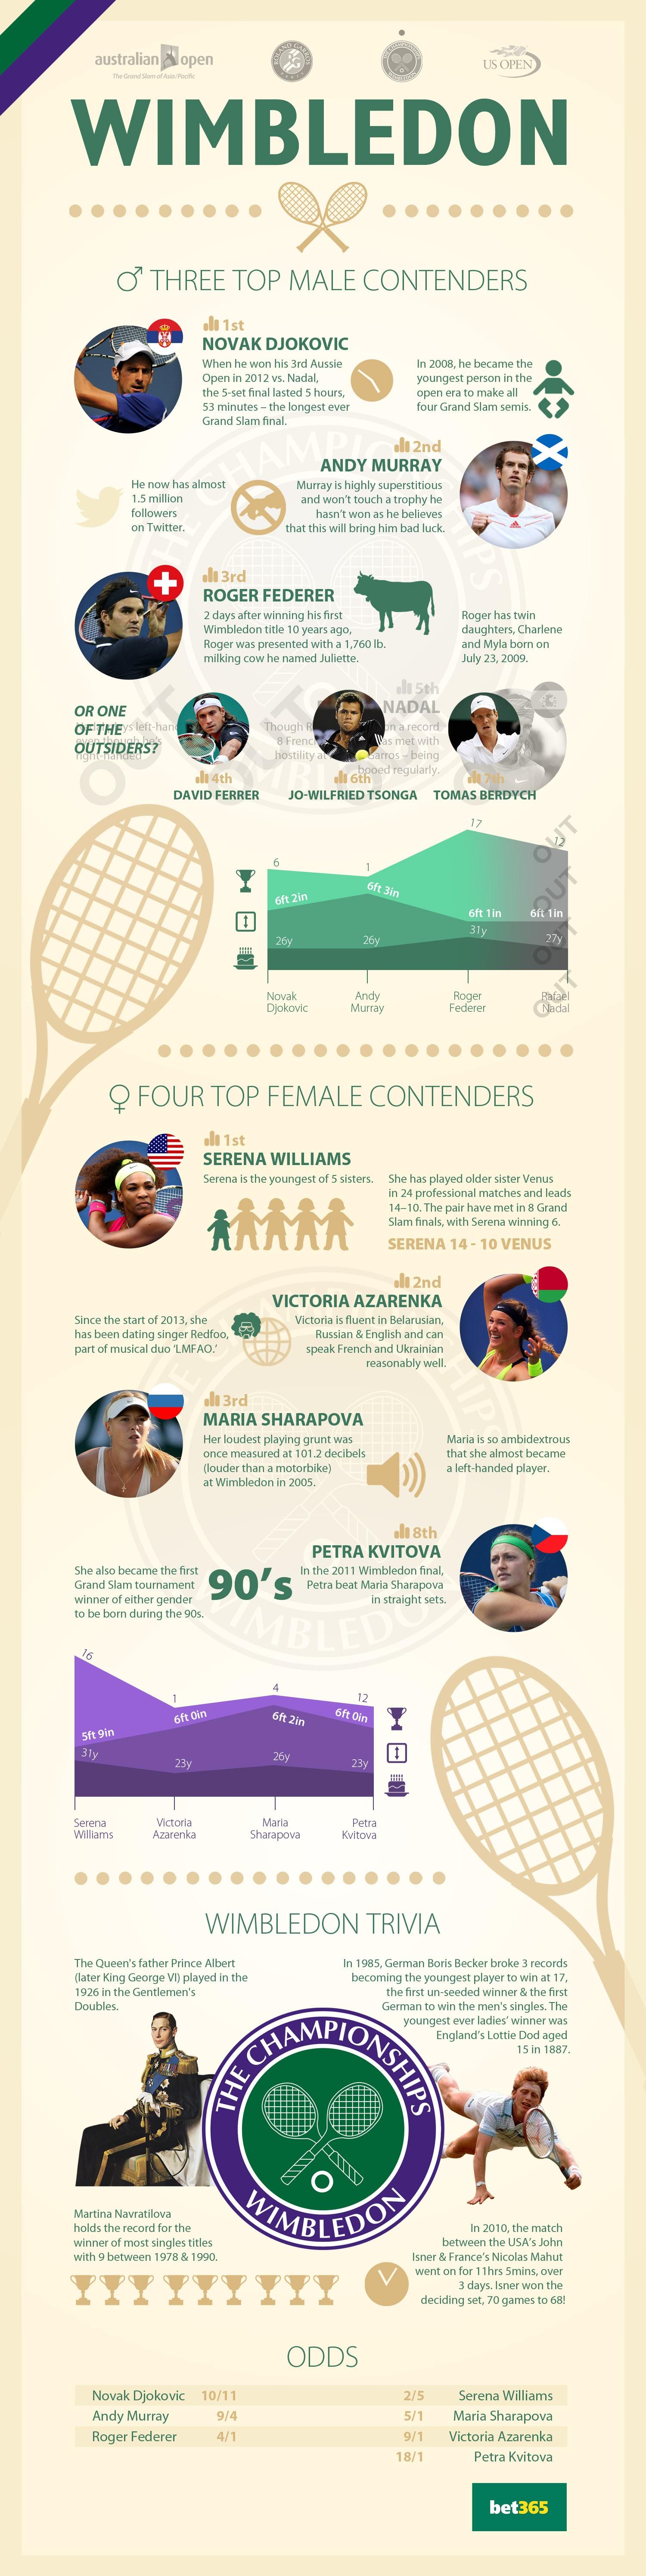 13. Top 3 Wimbledon Stars